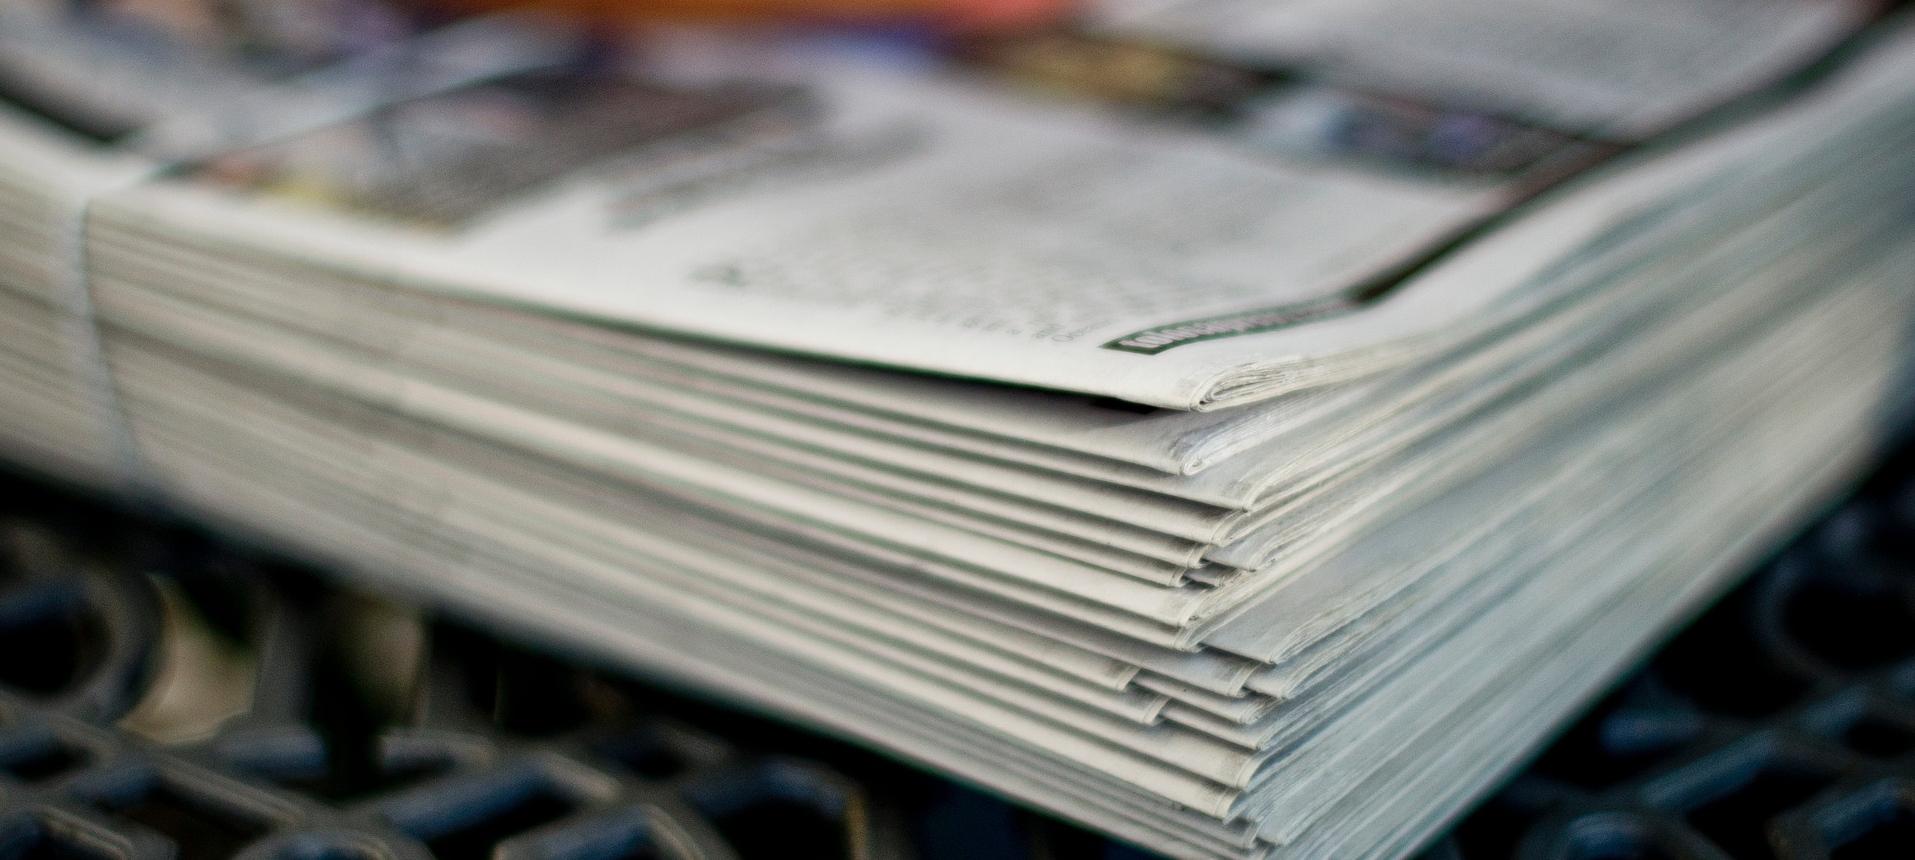 newspaper-2597618_1920.jpg